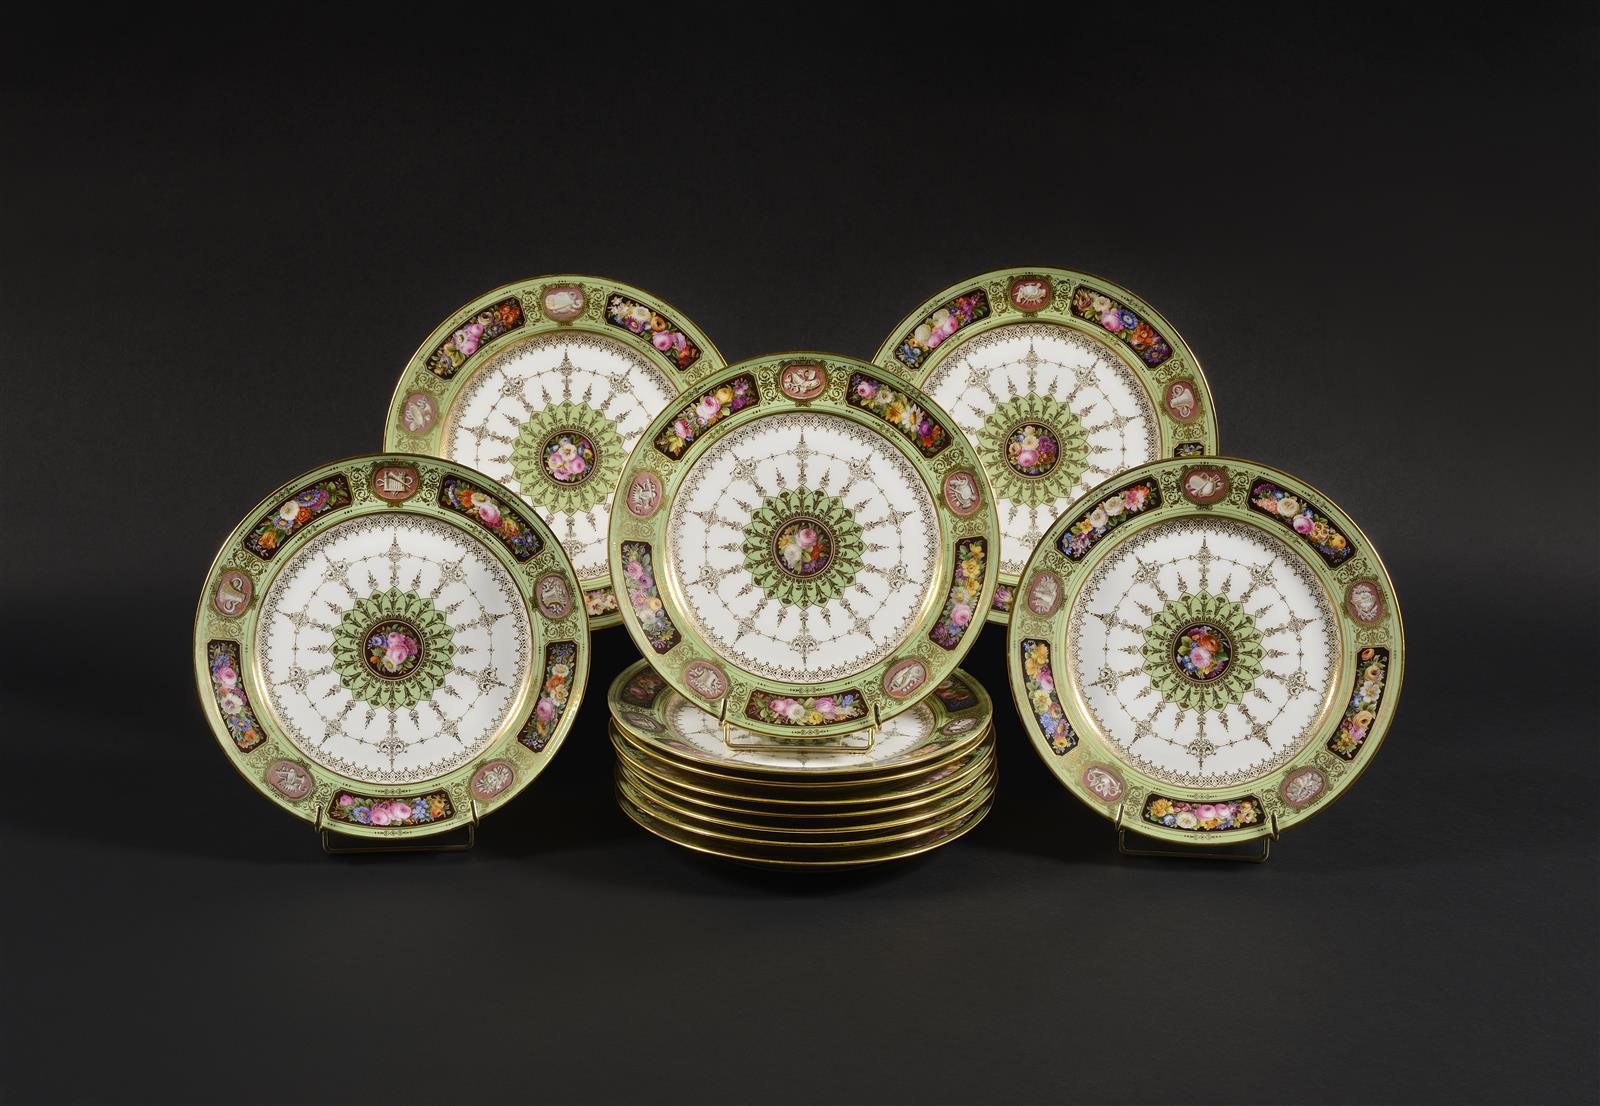 Vente Une Collection Royale chez MALLIÉ-ARCELIN : 206 lots